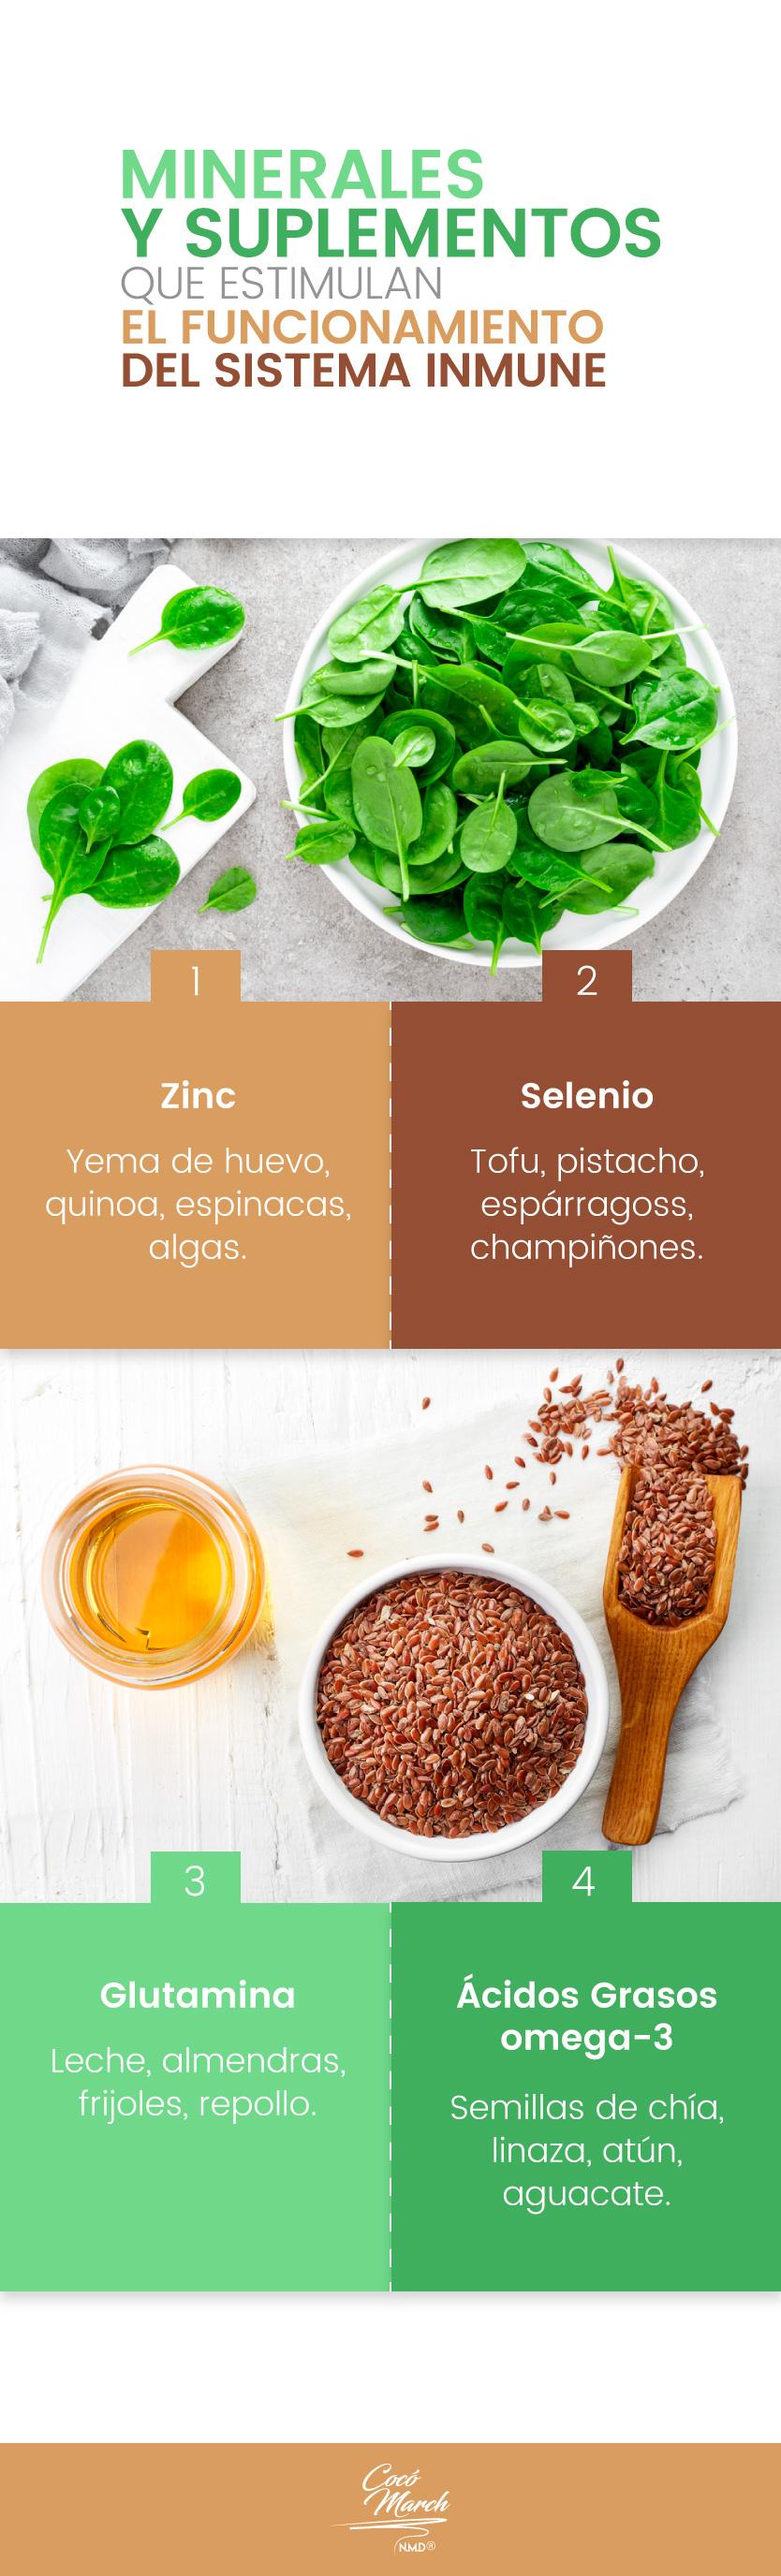 minerales-y-suplementos-que-estimulan-el-sistema-inmune